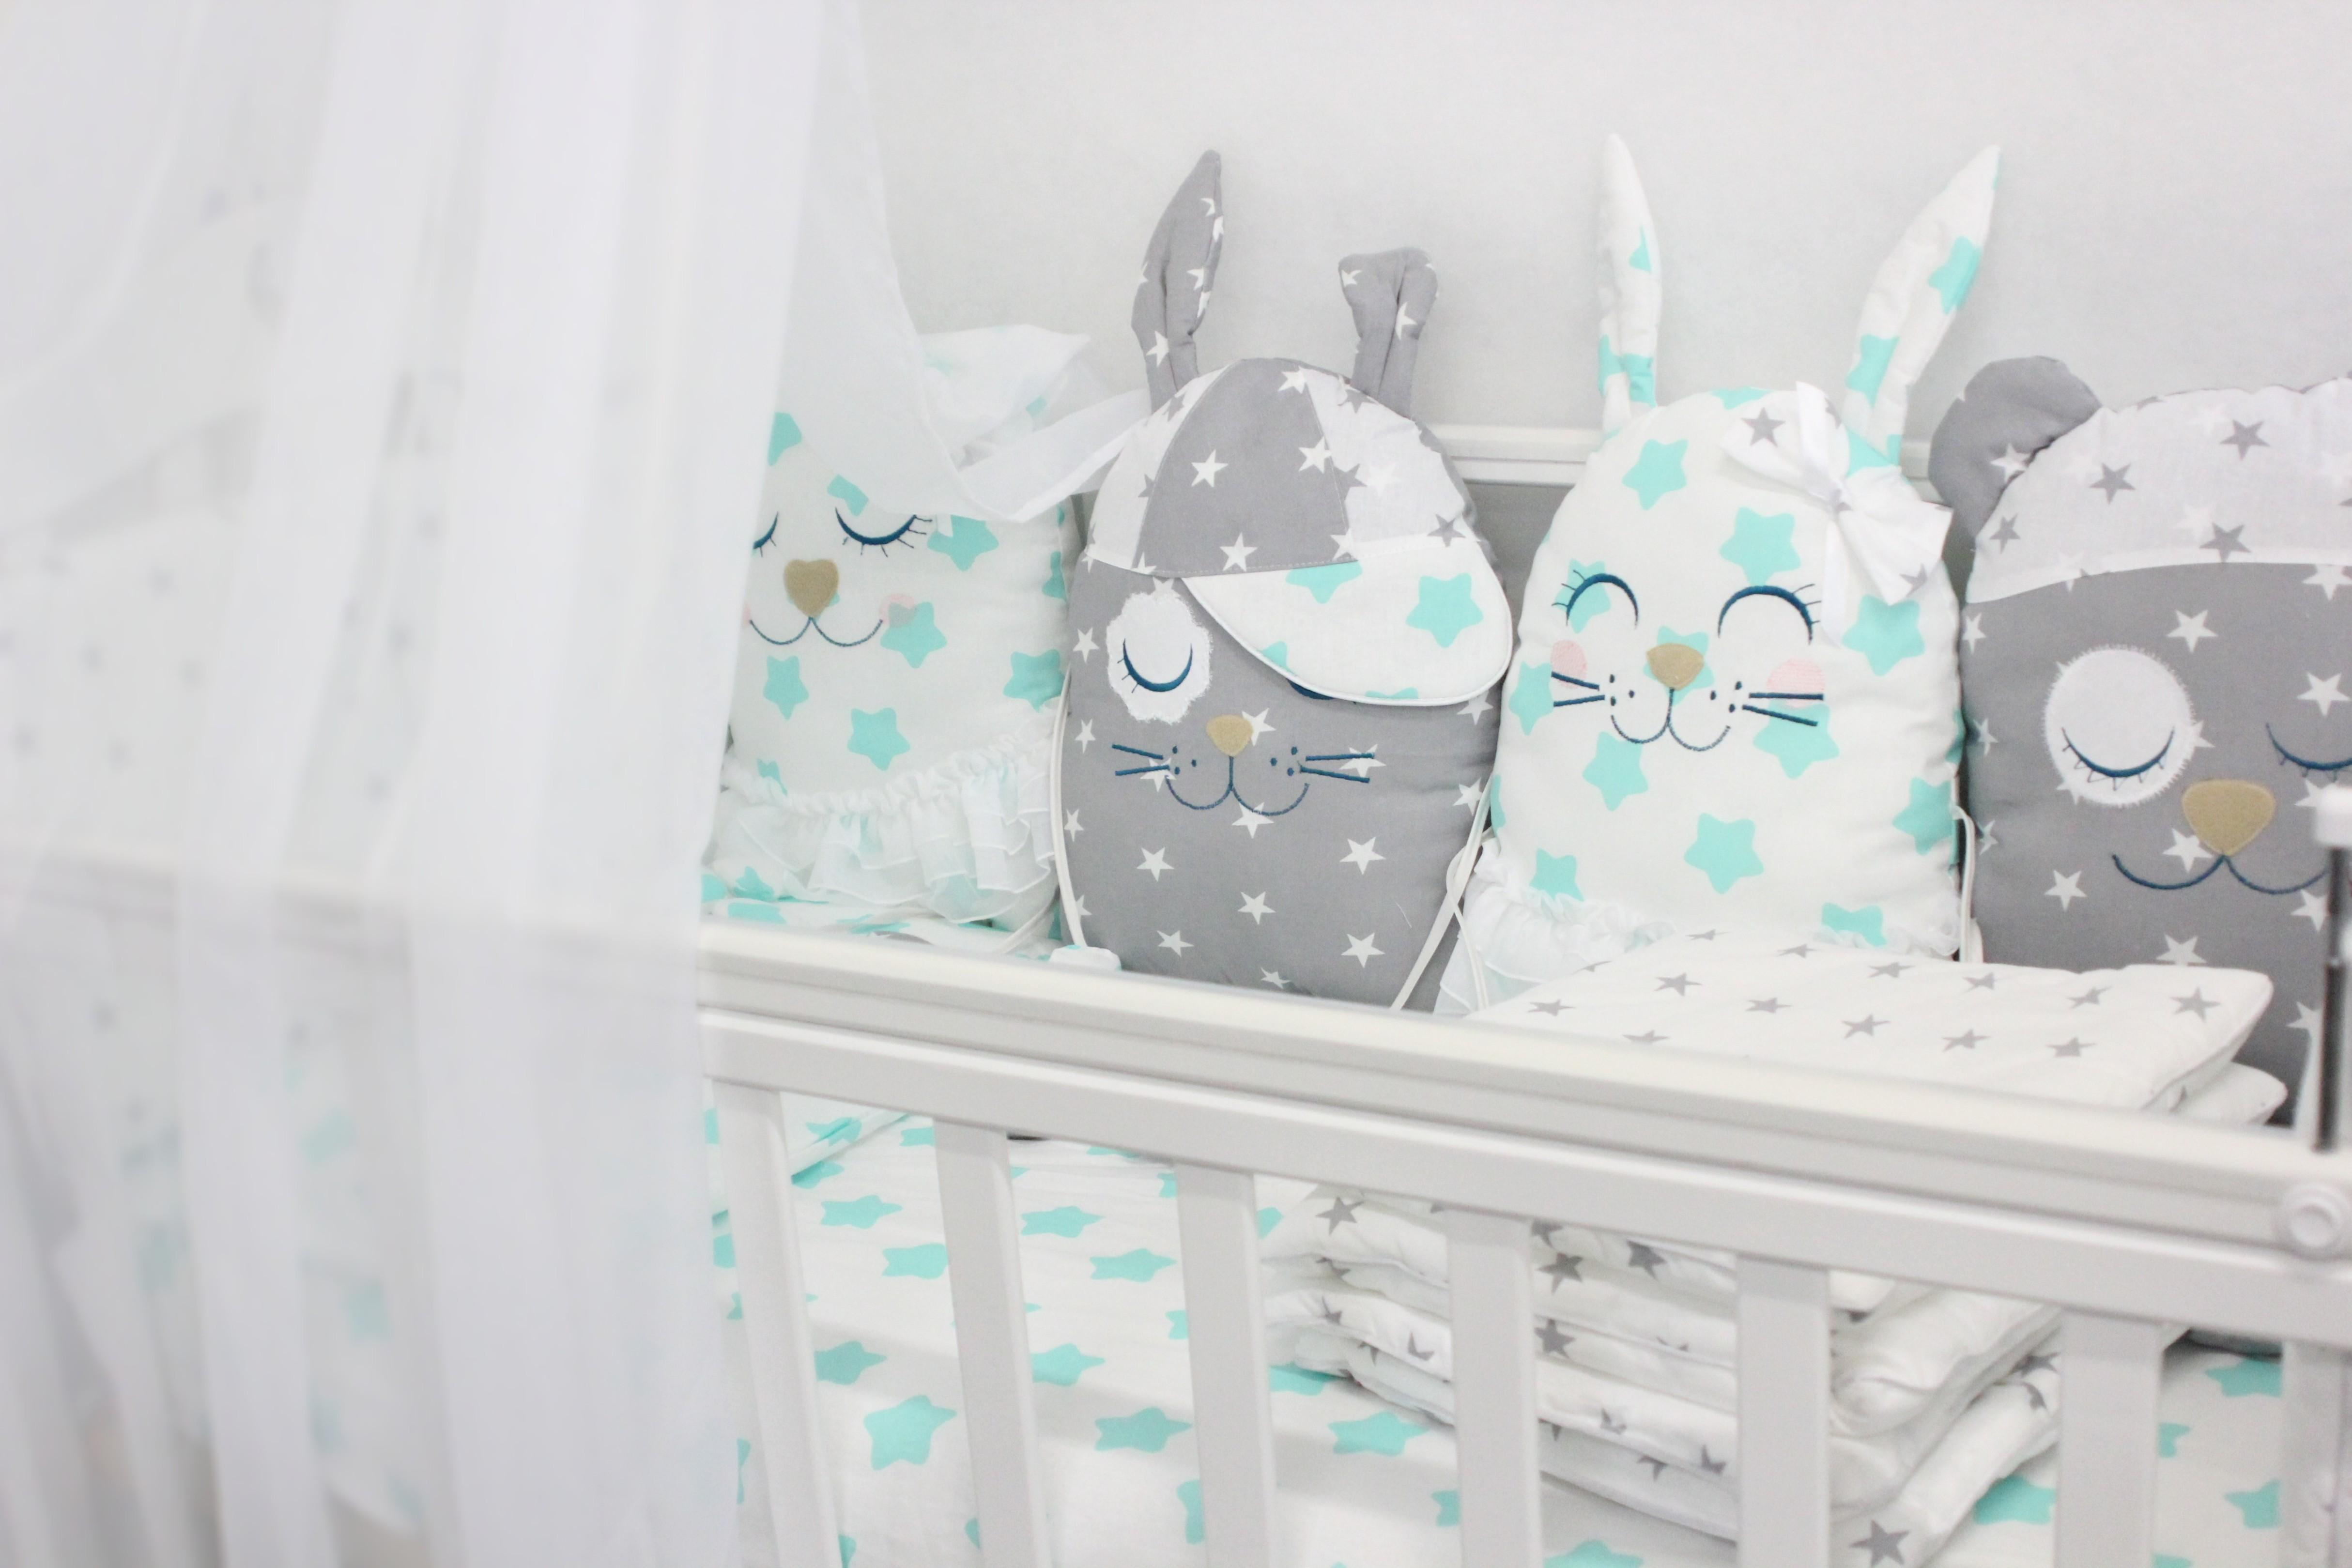 Постельные принадлежности By Twinz Комплект в кроватку By Twinz «Друзья» с игрушками мята 4 пр.